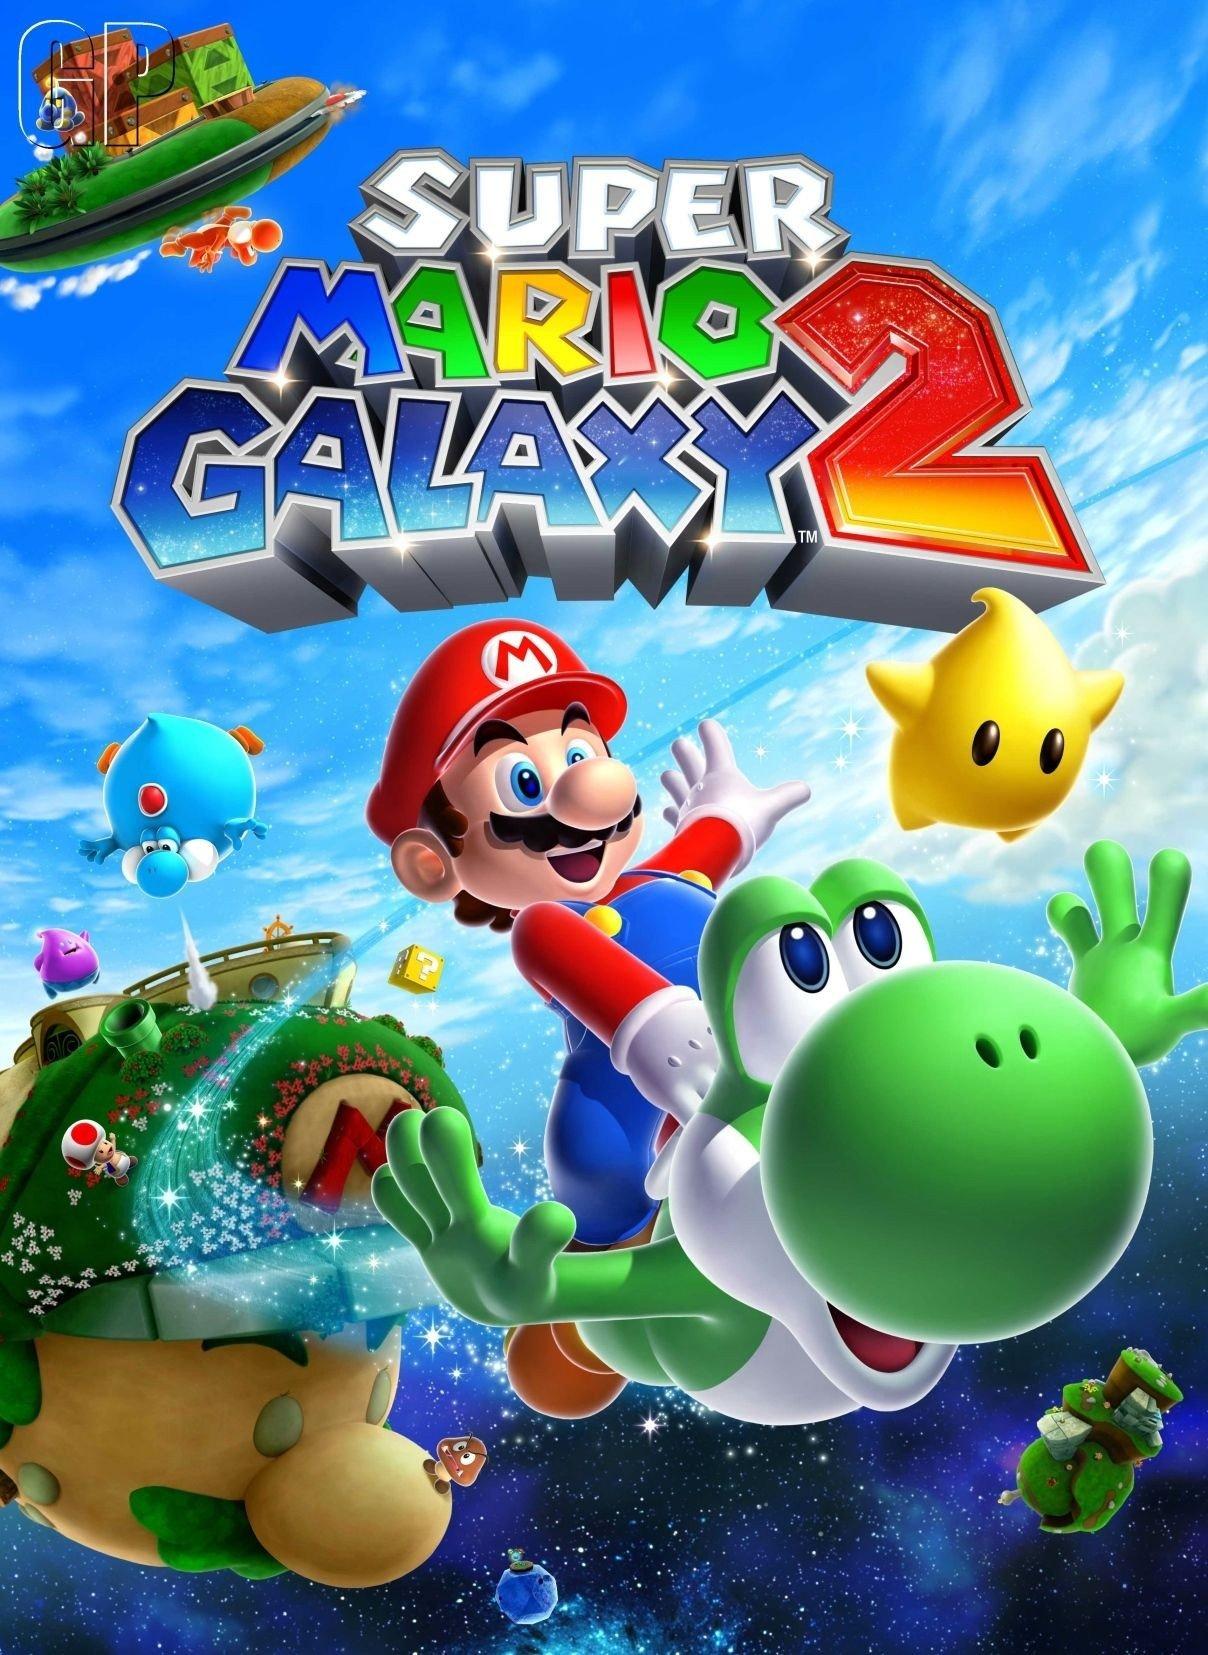 Super Mario Galaxy 2 er ren magi i spillform